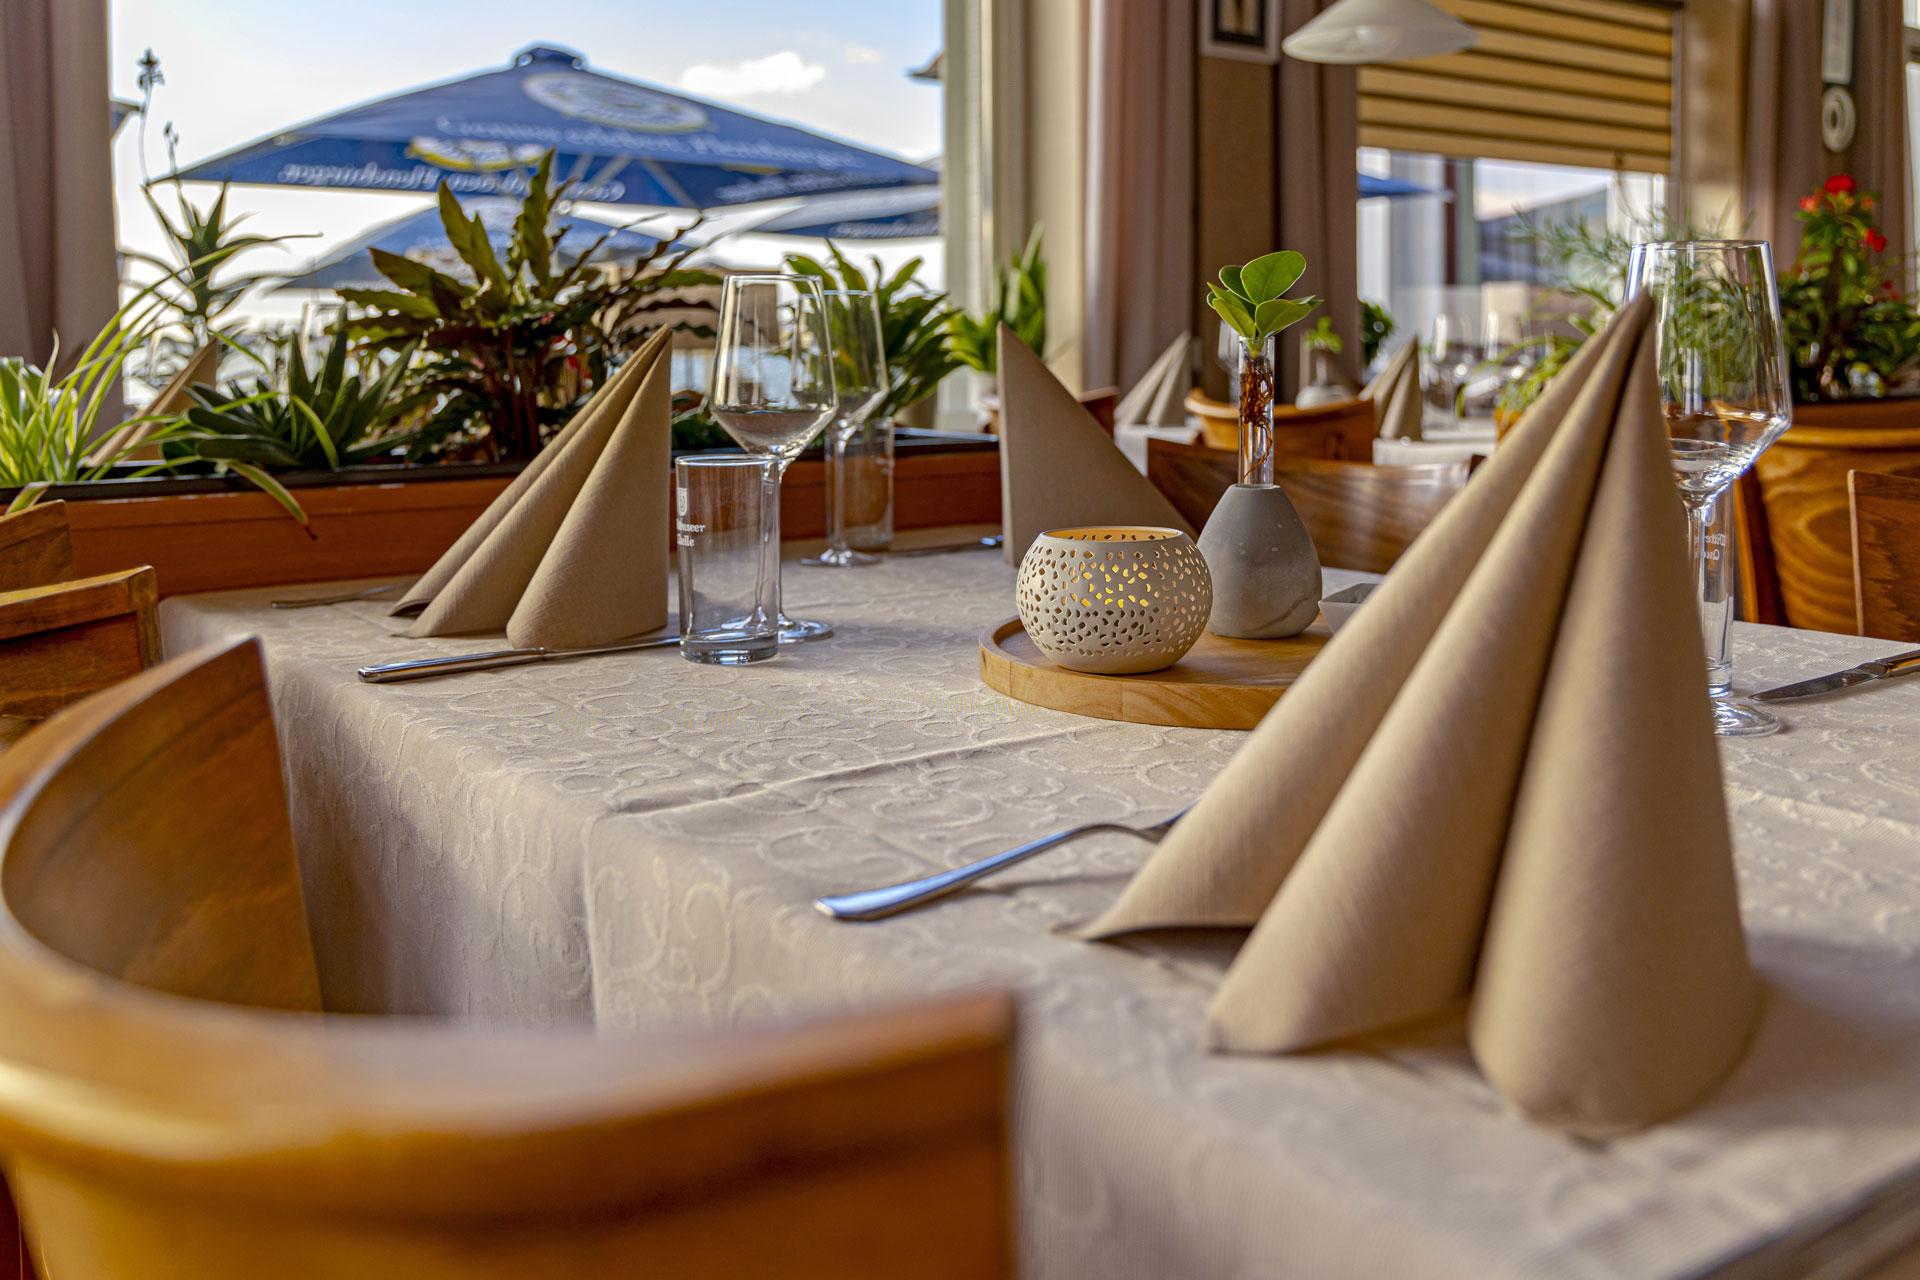 strandhuus-wackerballig-gastronomie6